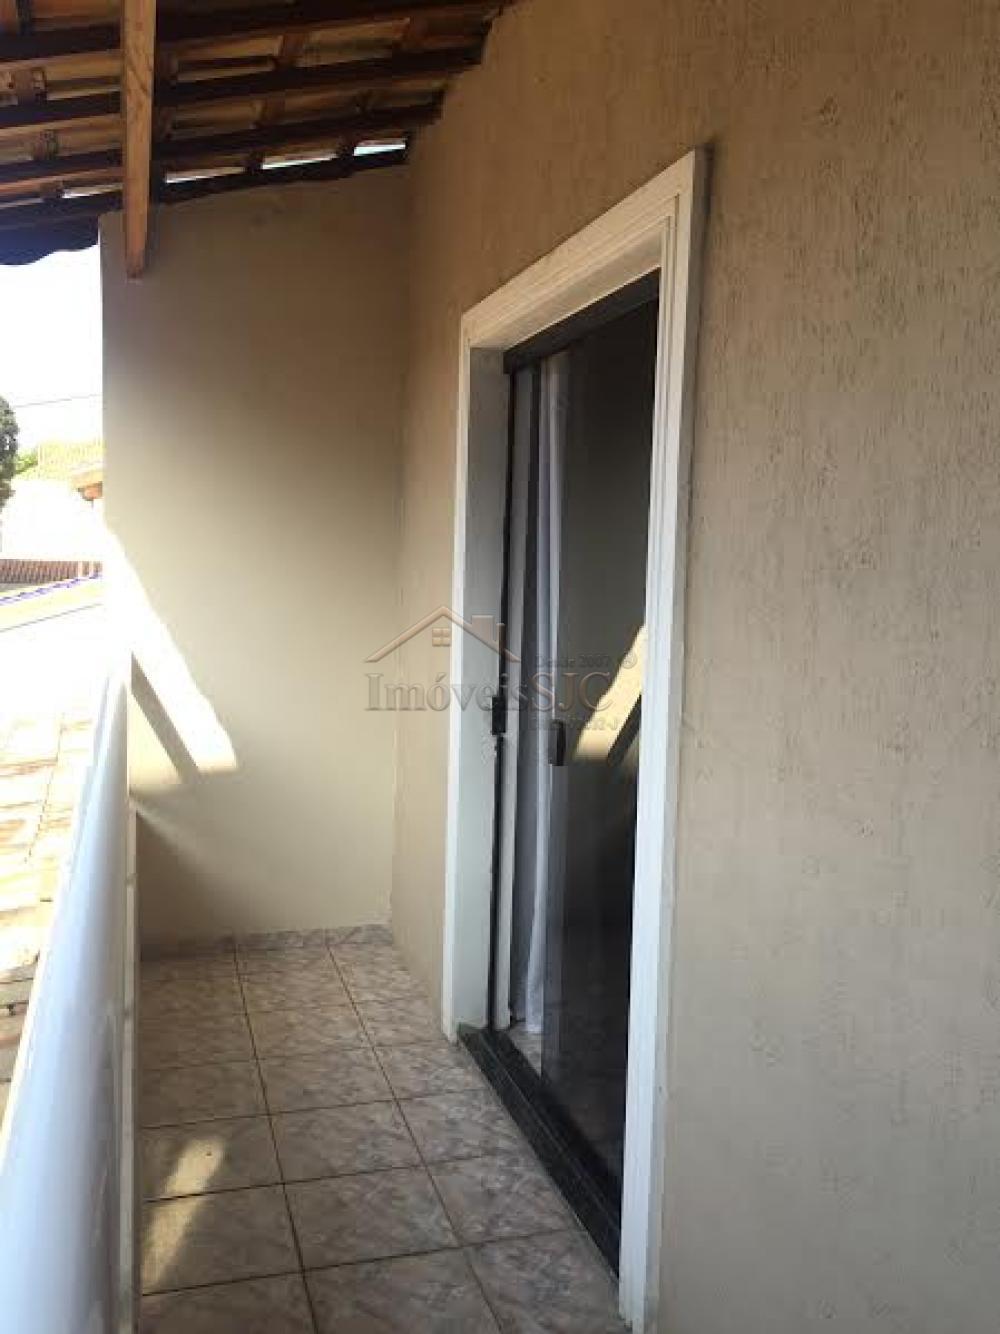 Comprar Casas / Padrão em São José dos Campos apenas R$ 340.000,00 - Foto 11